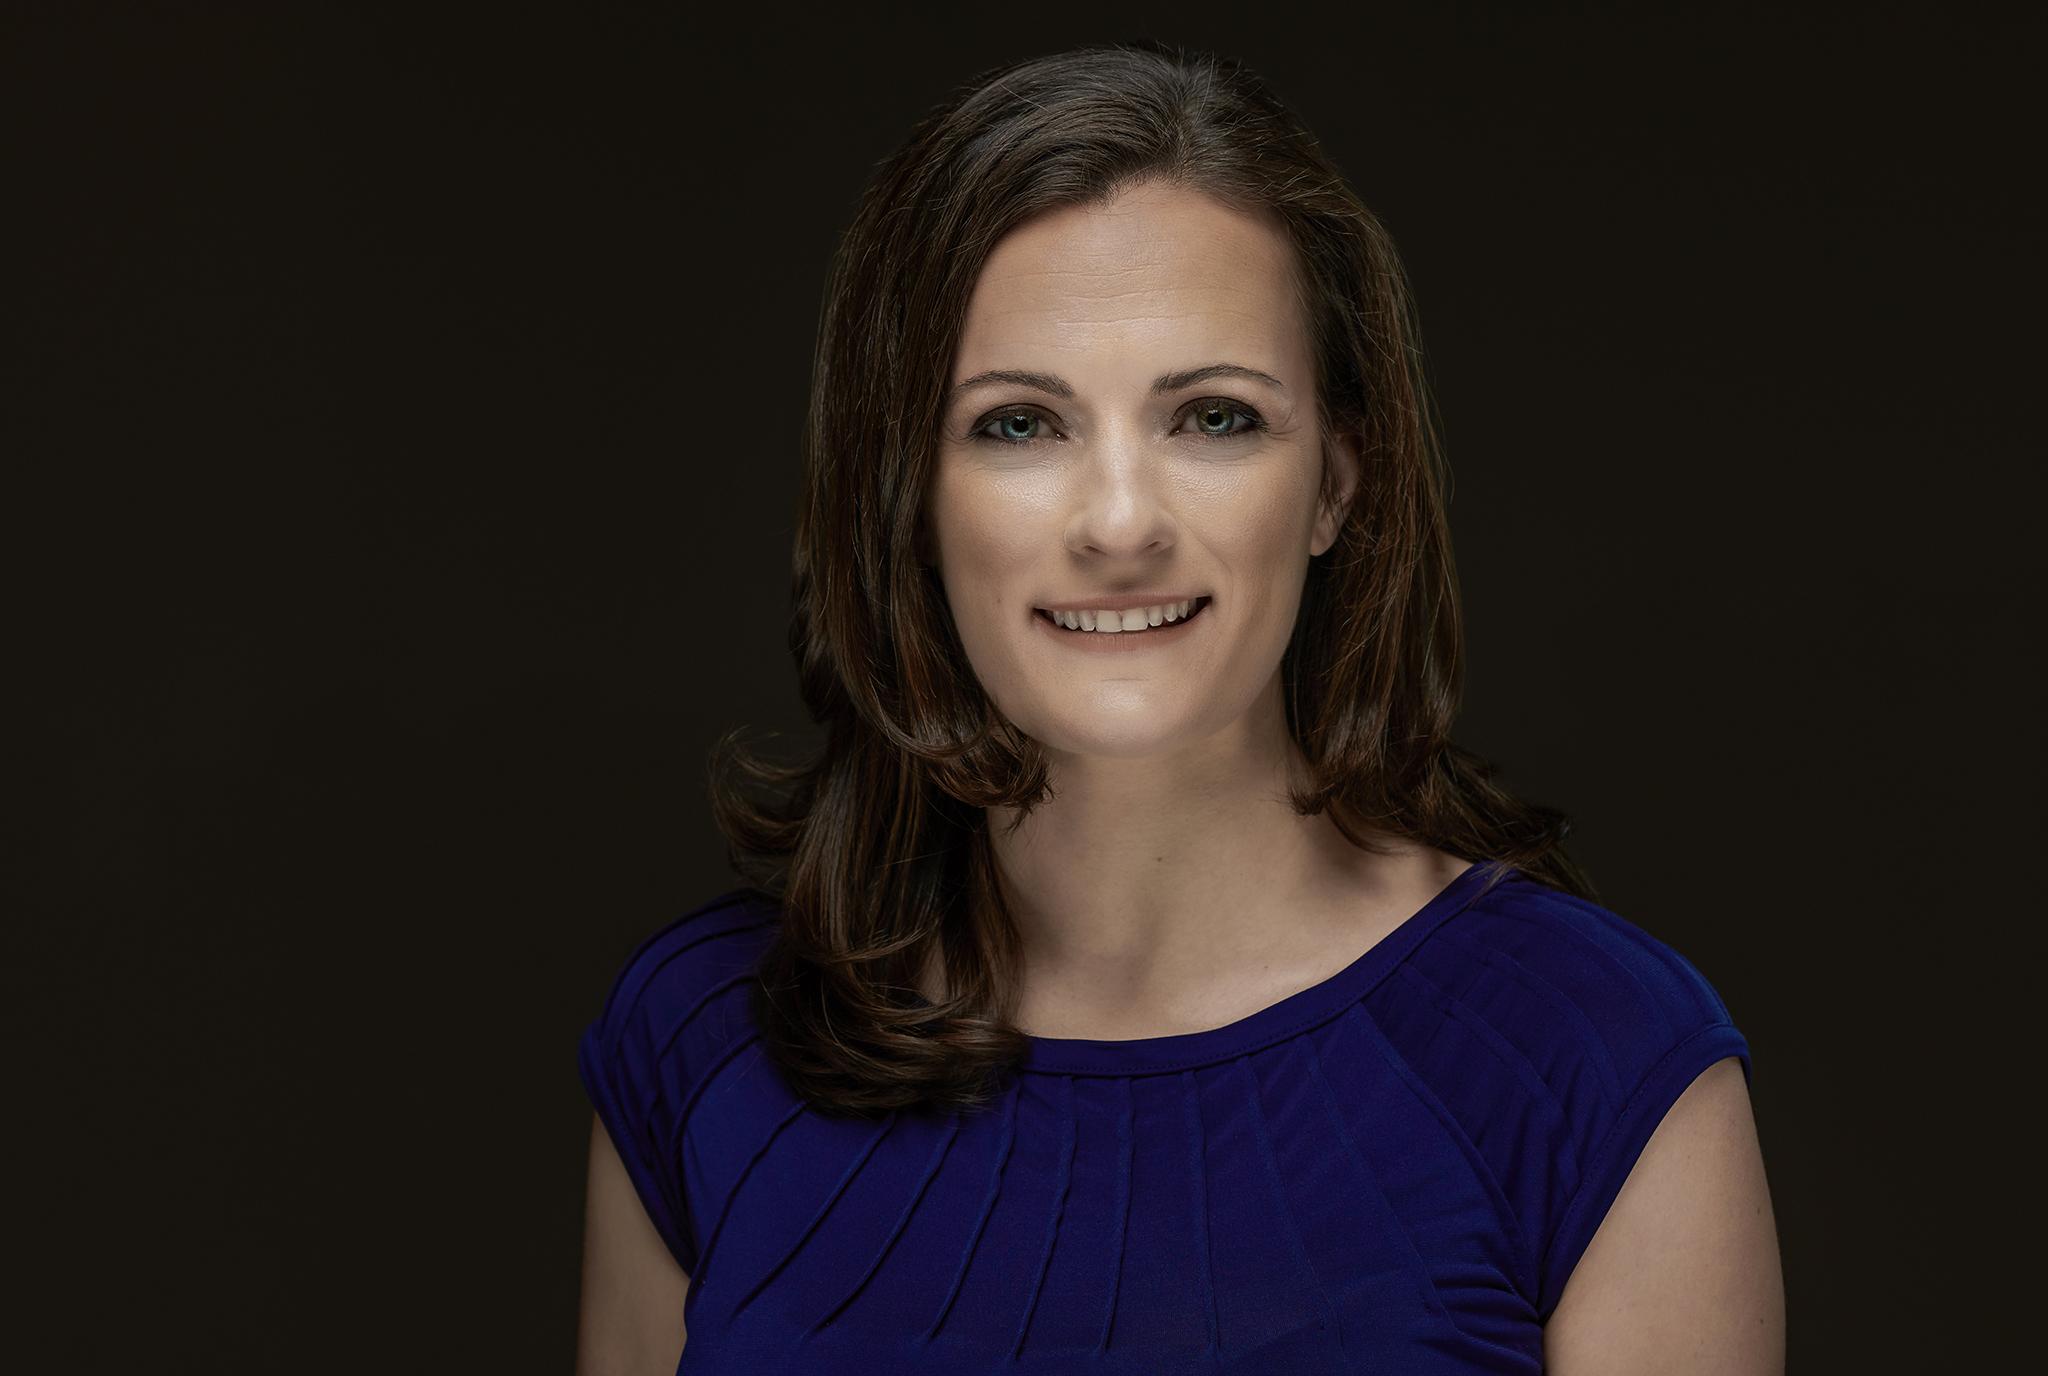 Katherine Schober